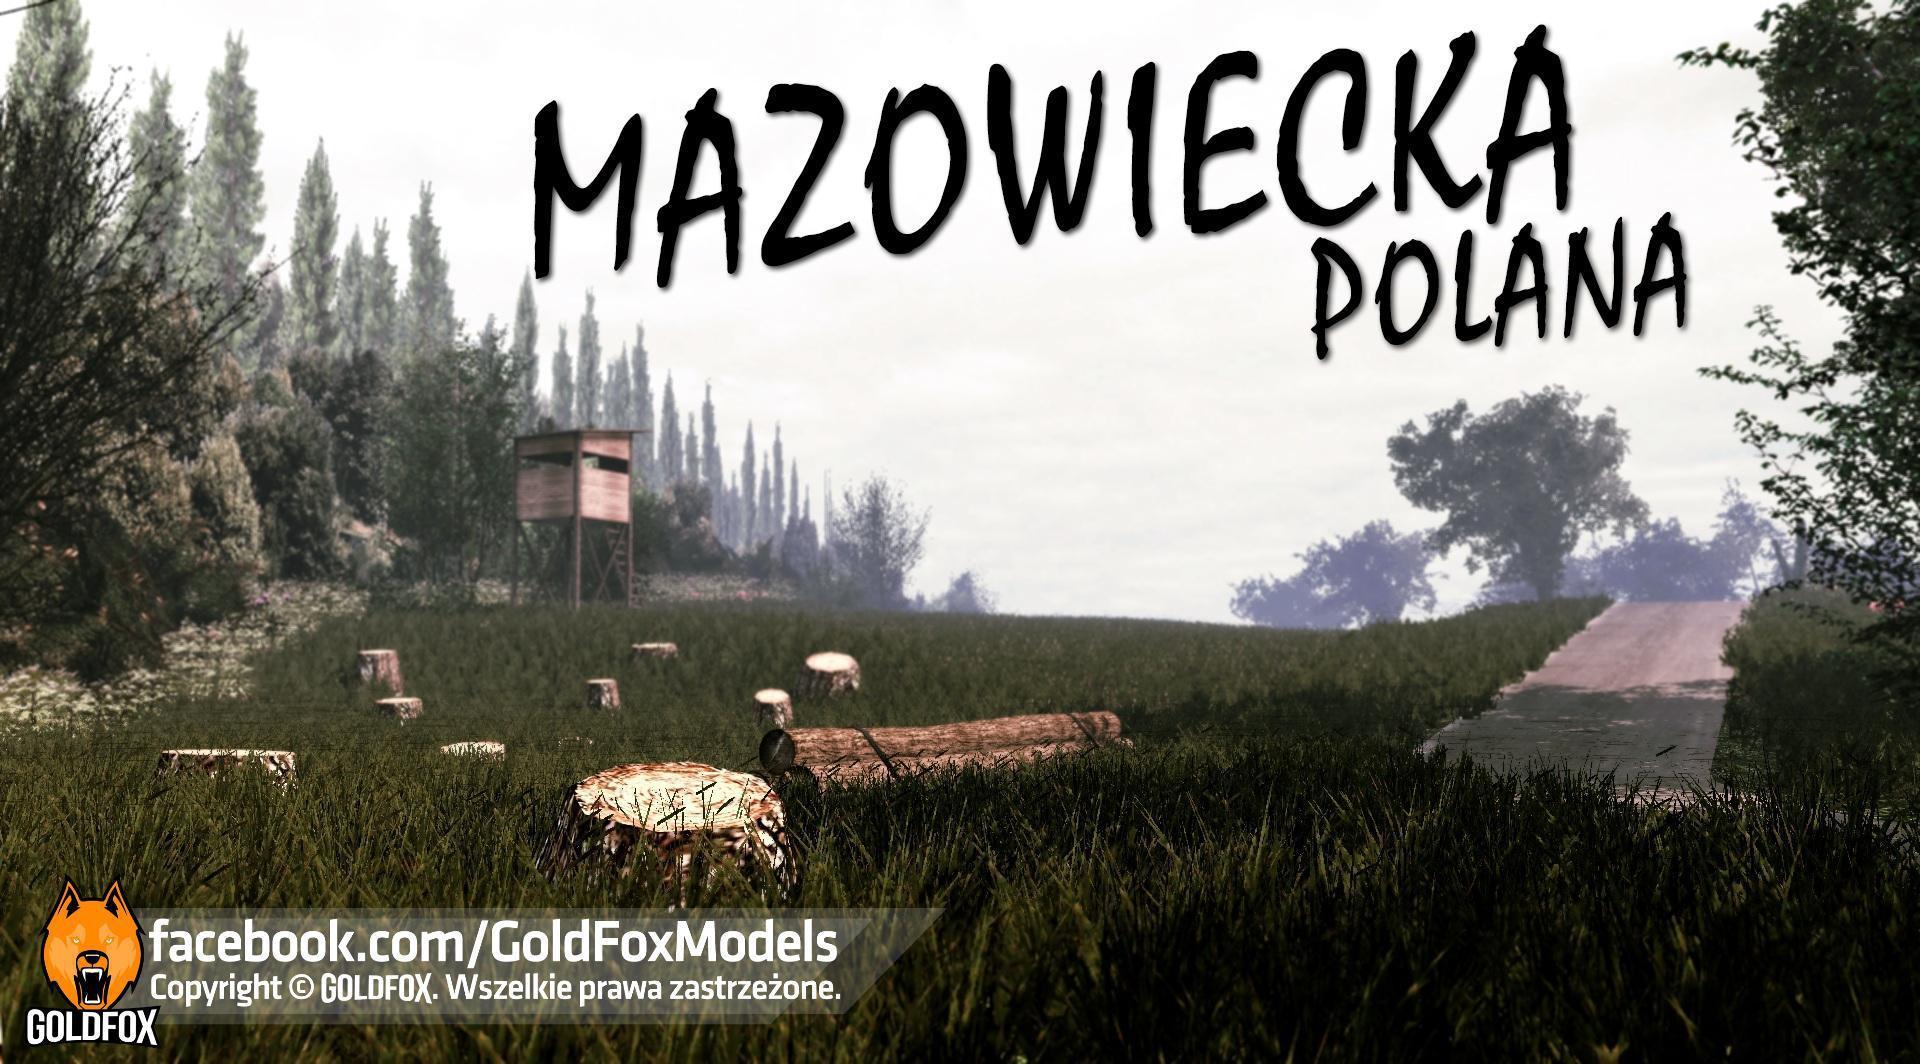 Mazowiecka Polana V10 0 187 Gamesmods Net Fs19 Fs17 Ets